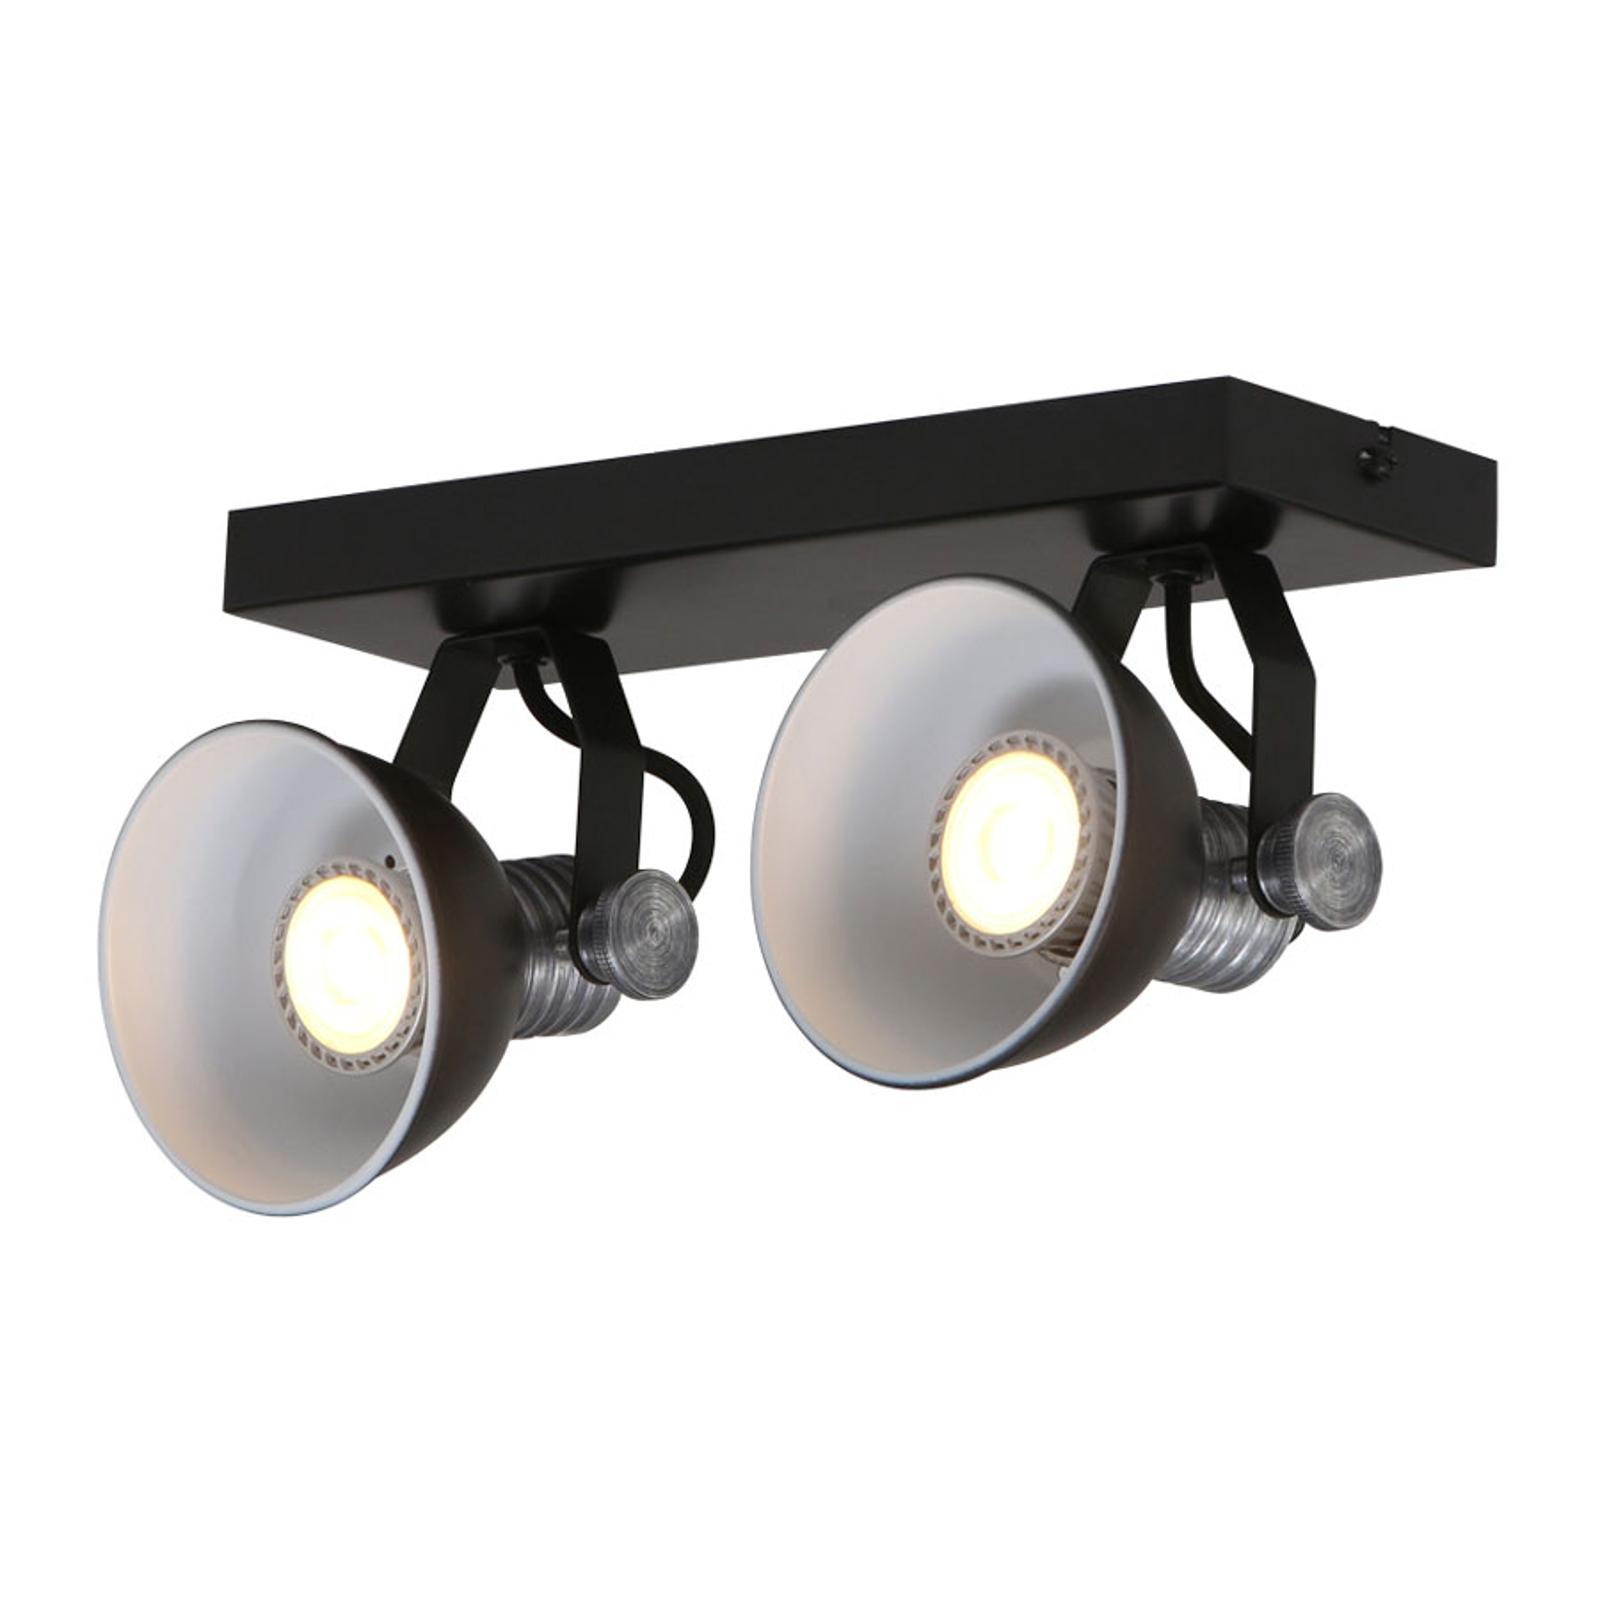 LED-takspot Brooklyn 2 lyskilder, svart